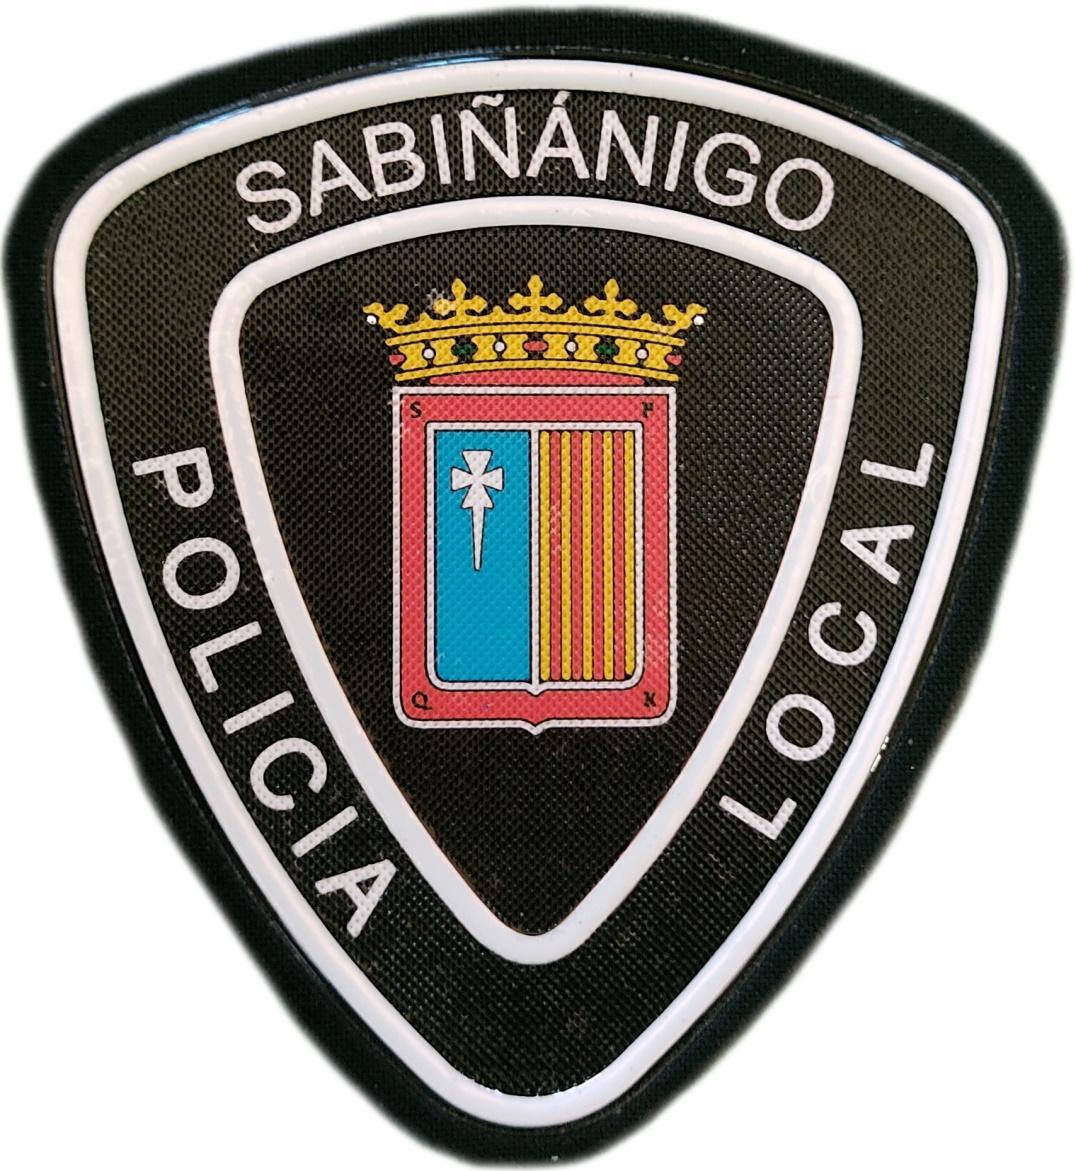 Policía Local Sabiñánigo Huesca parche insignia emblema distintivo